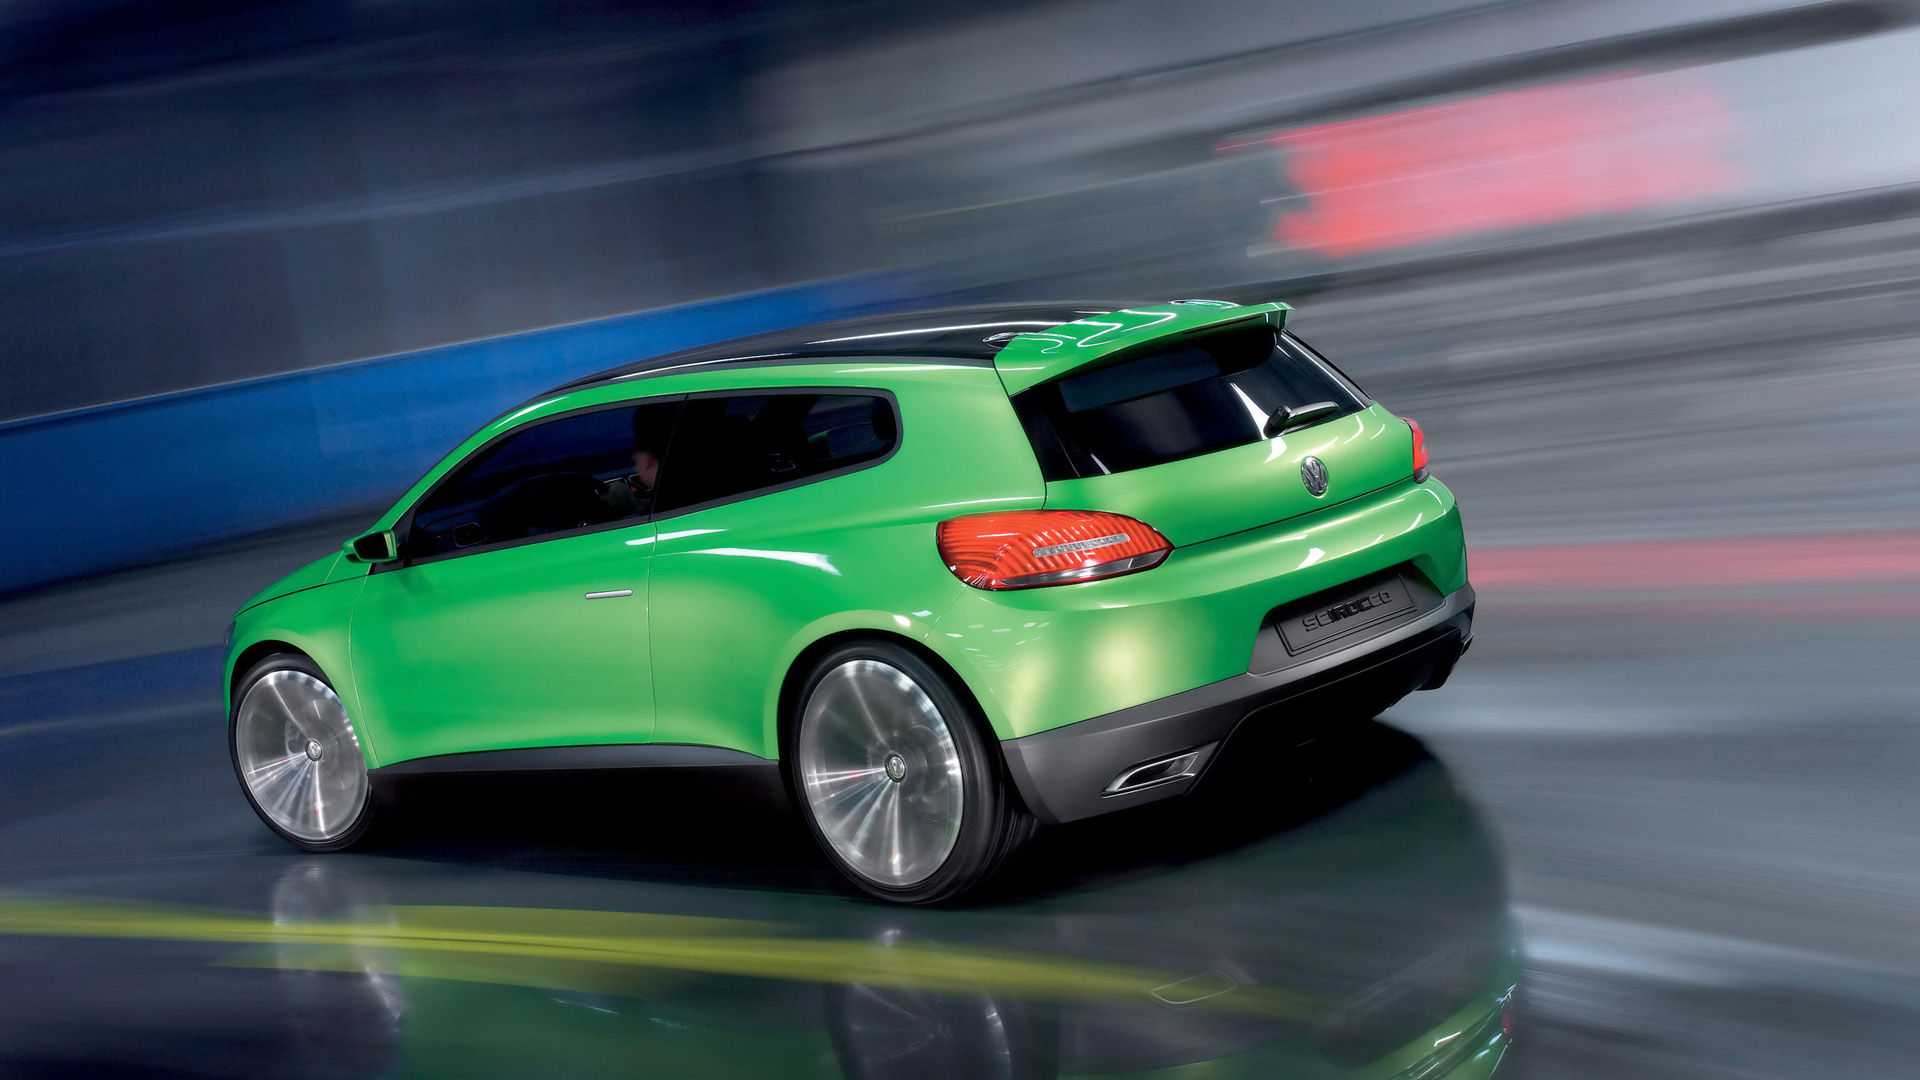 2006 Volkswagen IROC Concept